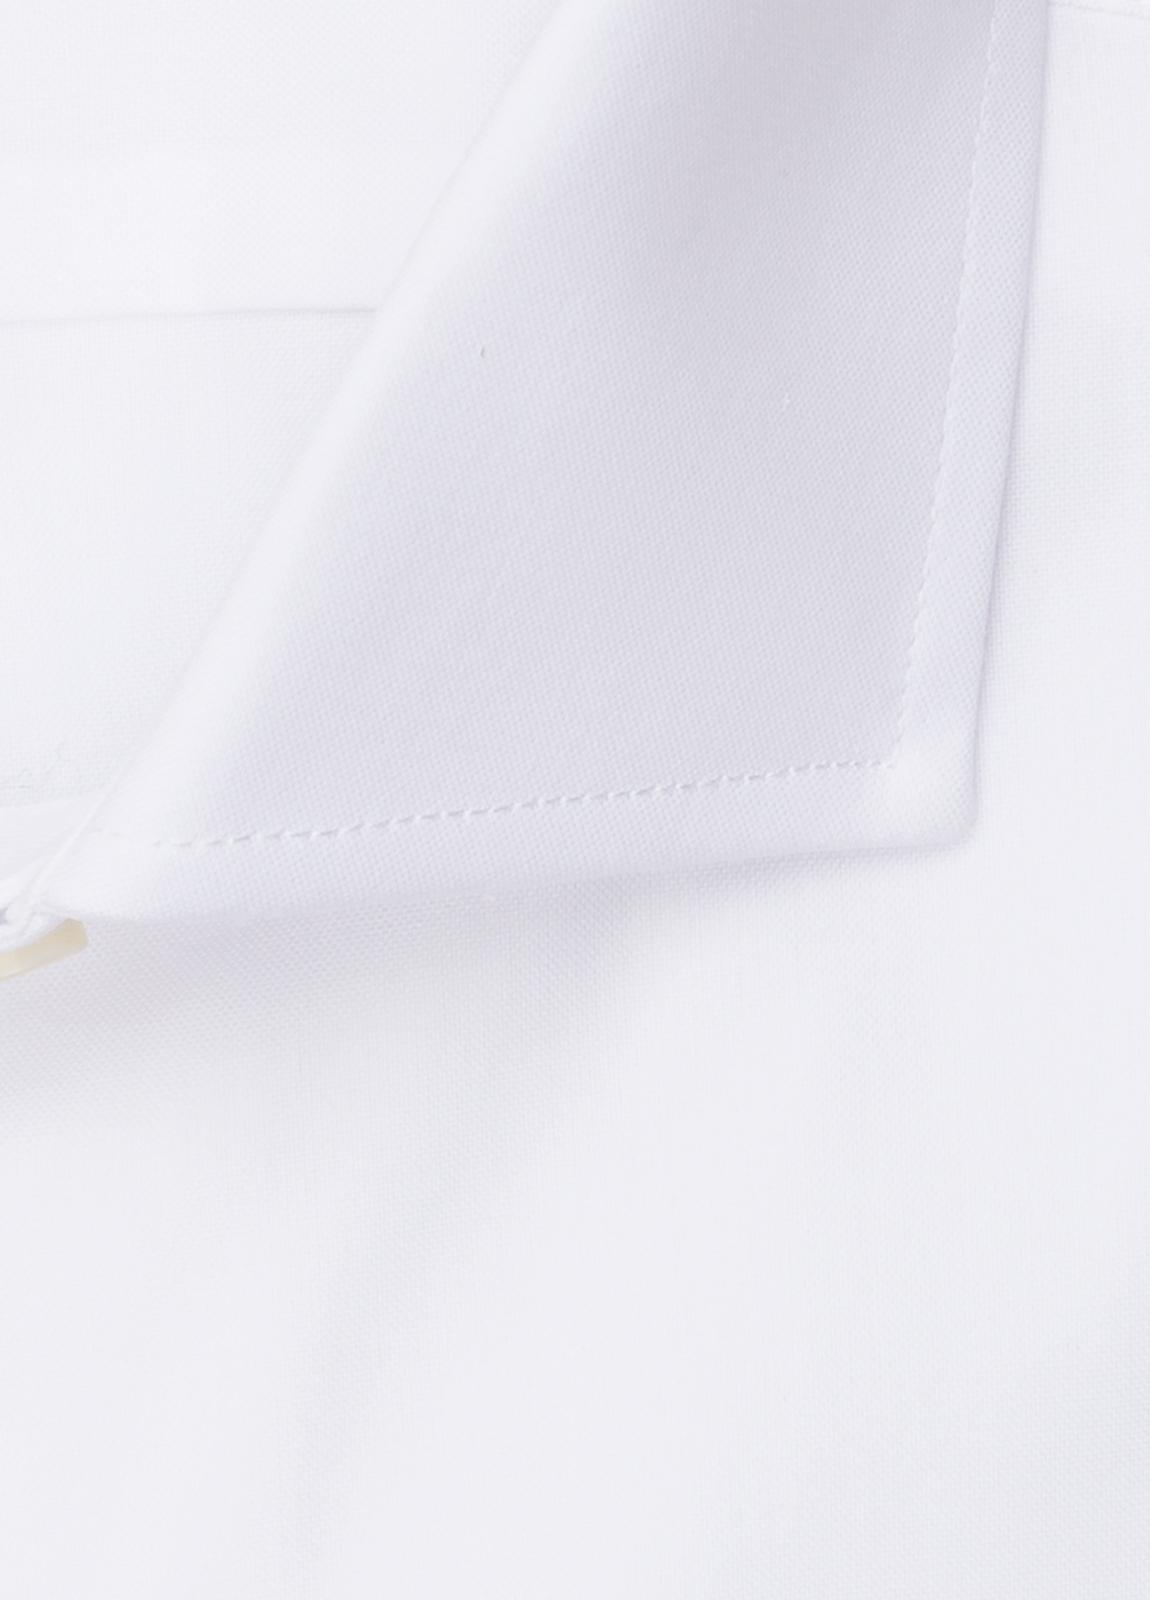 Camisa vestir FUREST COLECCIÓN REGULAR FIT cuello italiano Pin Point blanco - Ítem1